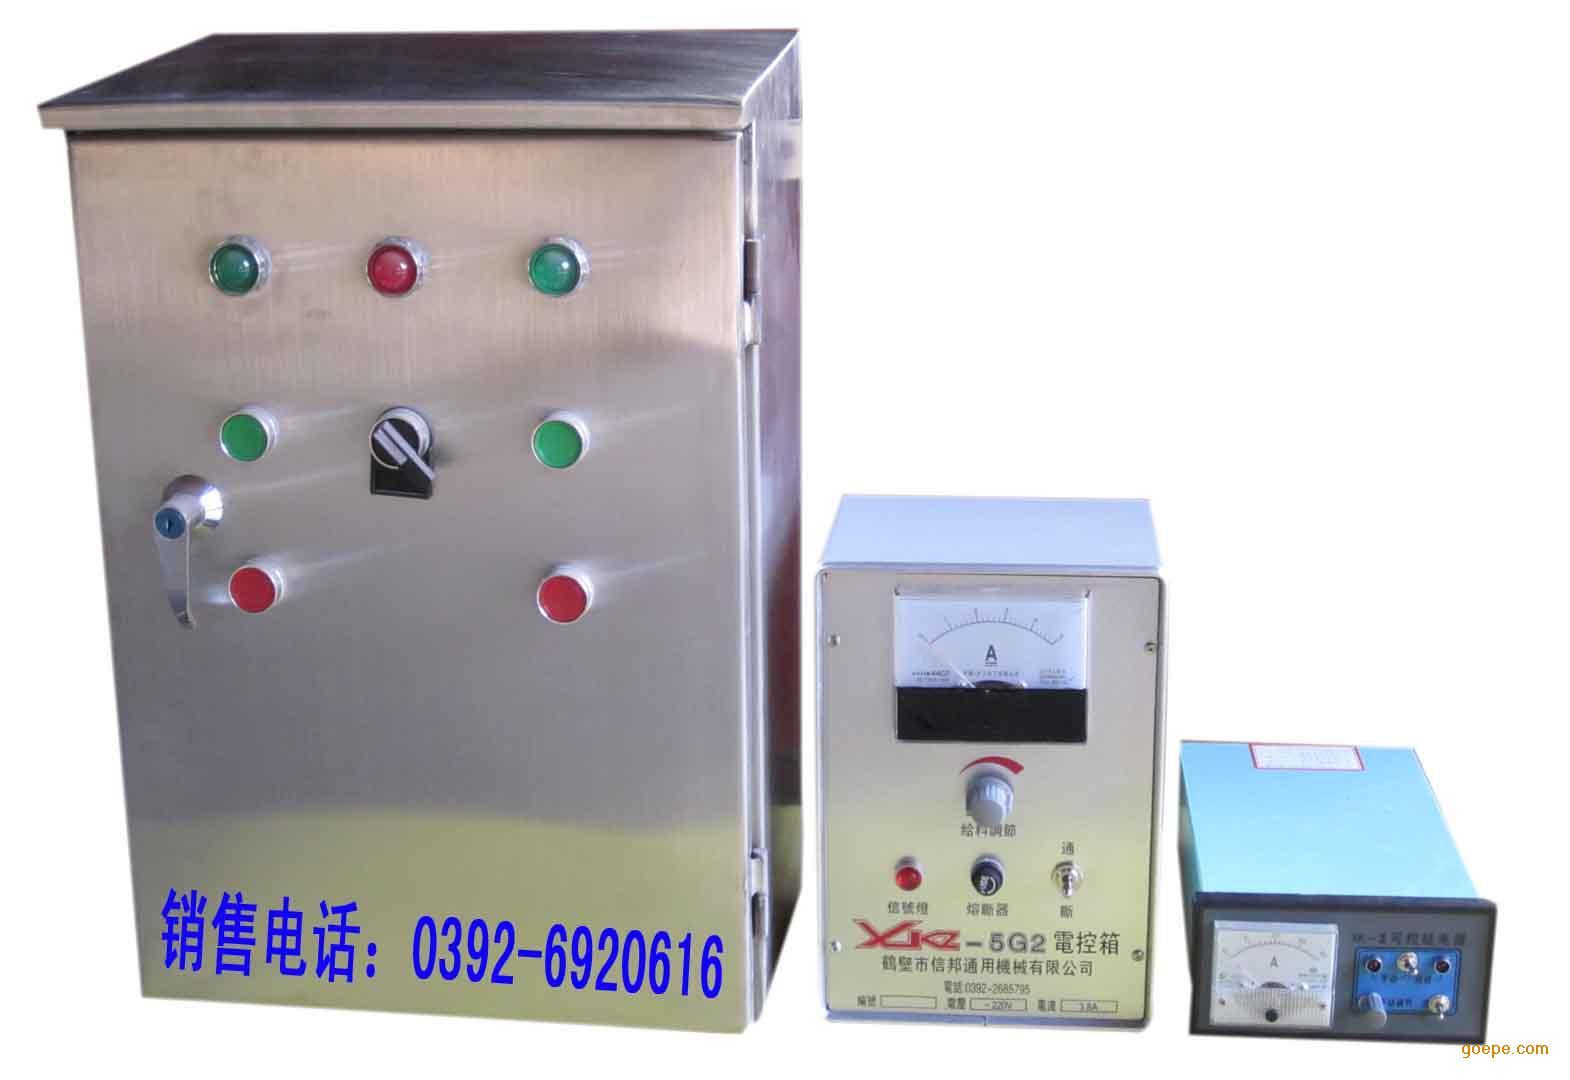 控制箱XKZ-20G2控制器XKZ-20G2电控箱XKZ-20G2--信邦公司制造